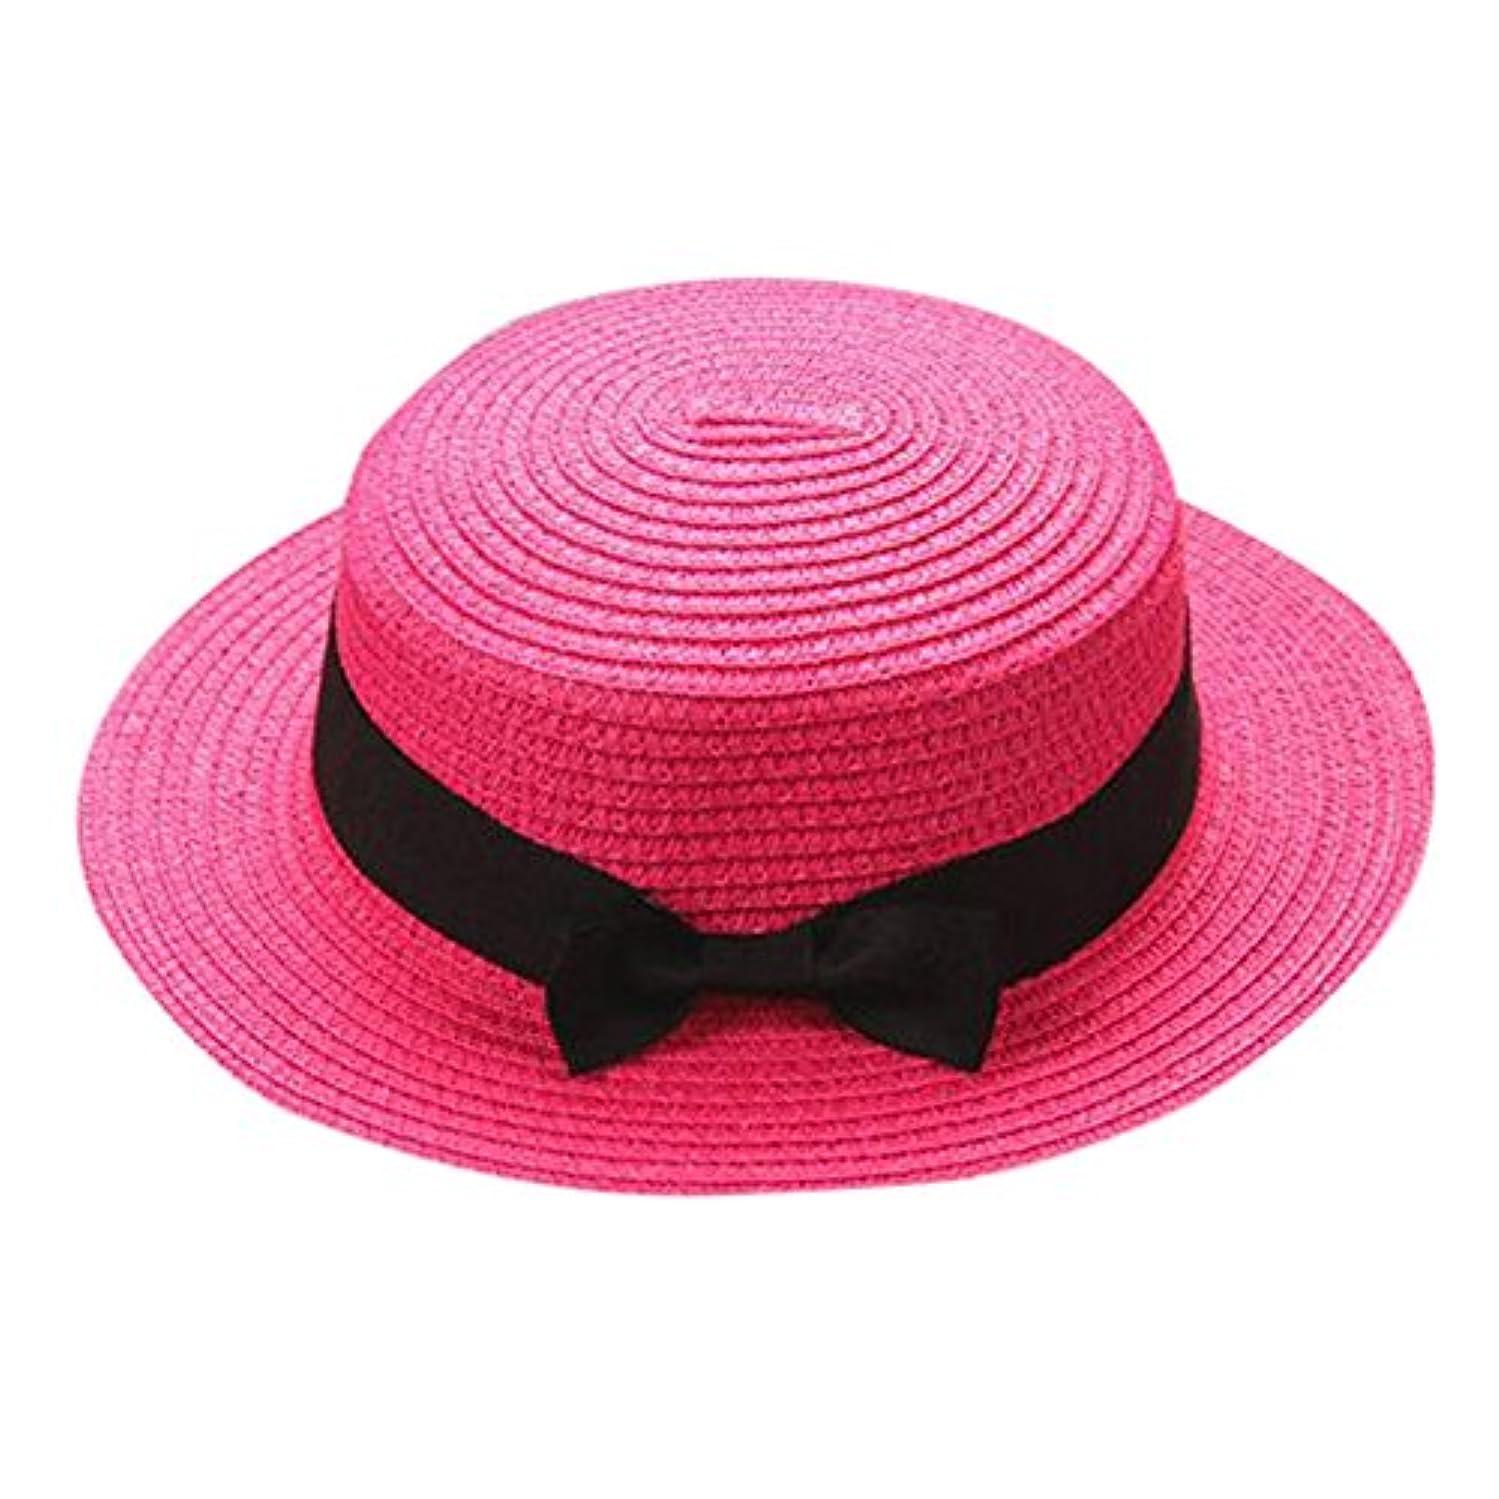 震えローマ人指キャップ キッズ 日よけ 帽子 小顔効果抜群 旅行用 日よけ 夏 ビーチ 海辺 かわいい リゾート 紫外線対策 男女兼用 日焼け防止 熱中症予防 取り外すあご紐 つば広 おしゃれ 可愛い 夏 ROSE ROMAN